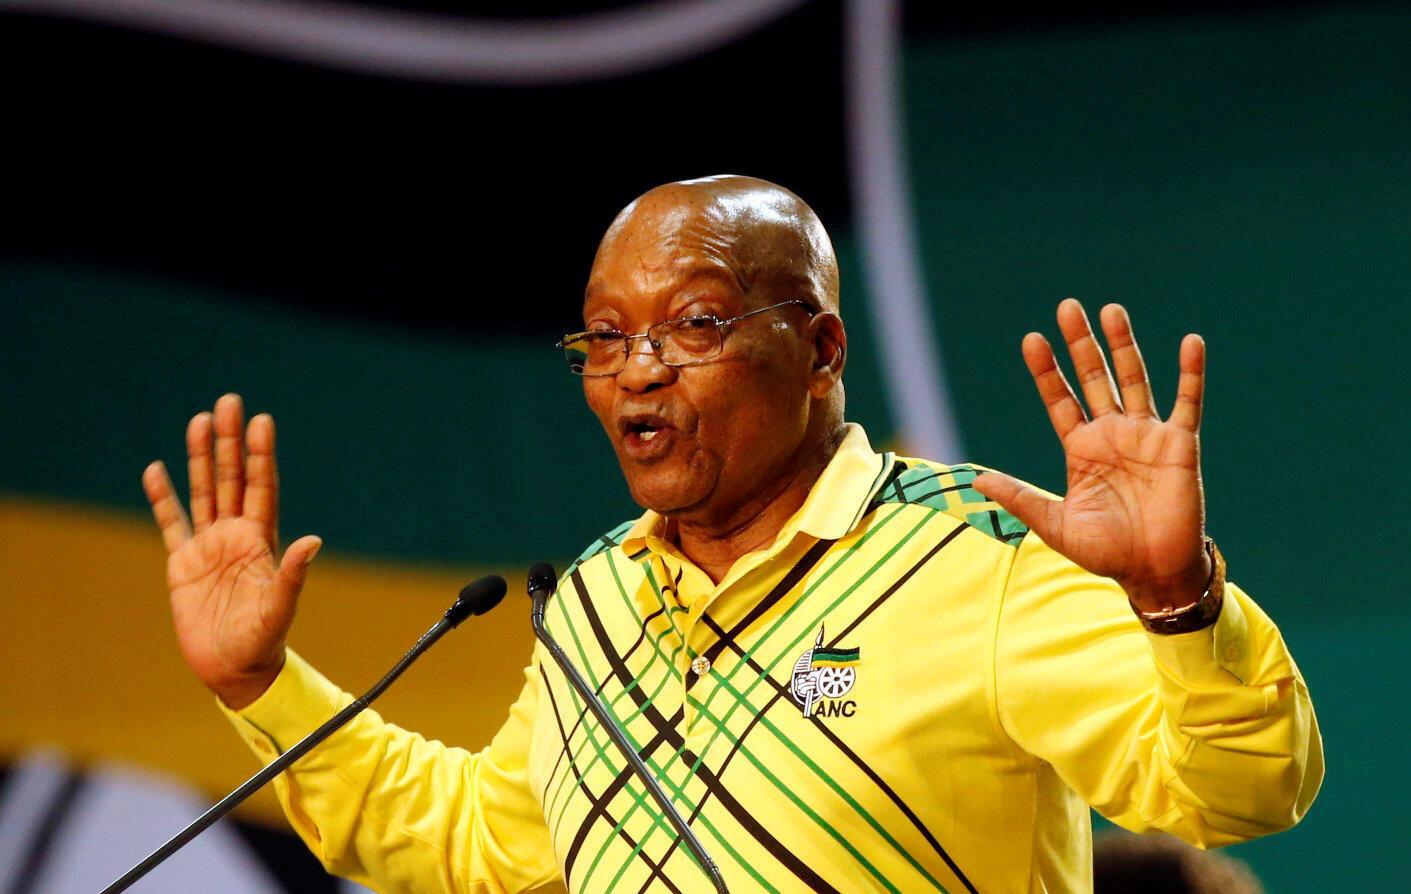 Le président sud-africain Jacob Zuma à la tribune du 54e congrès de l'ANC, à Johannesburg, le 16 décembre 2017.